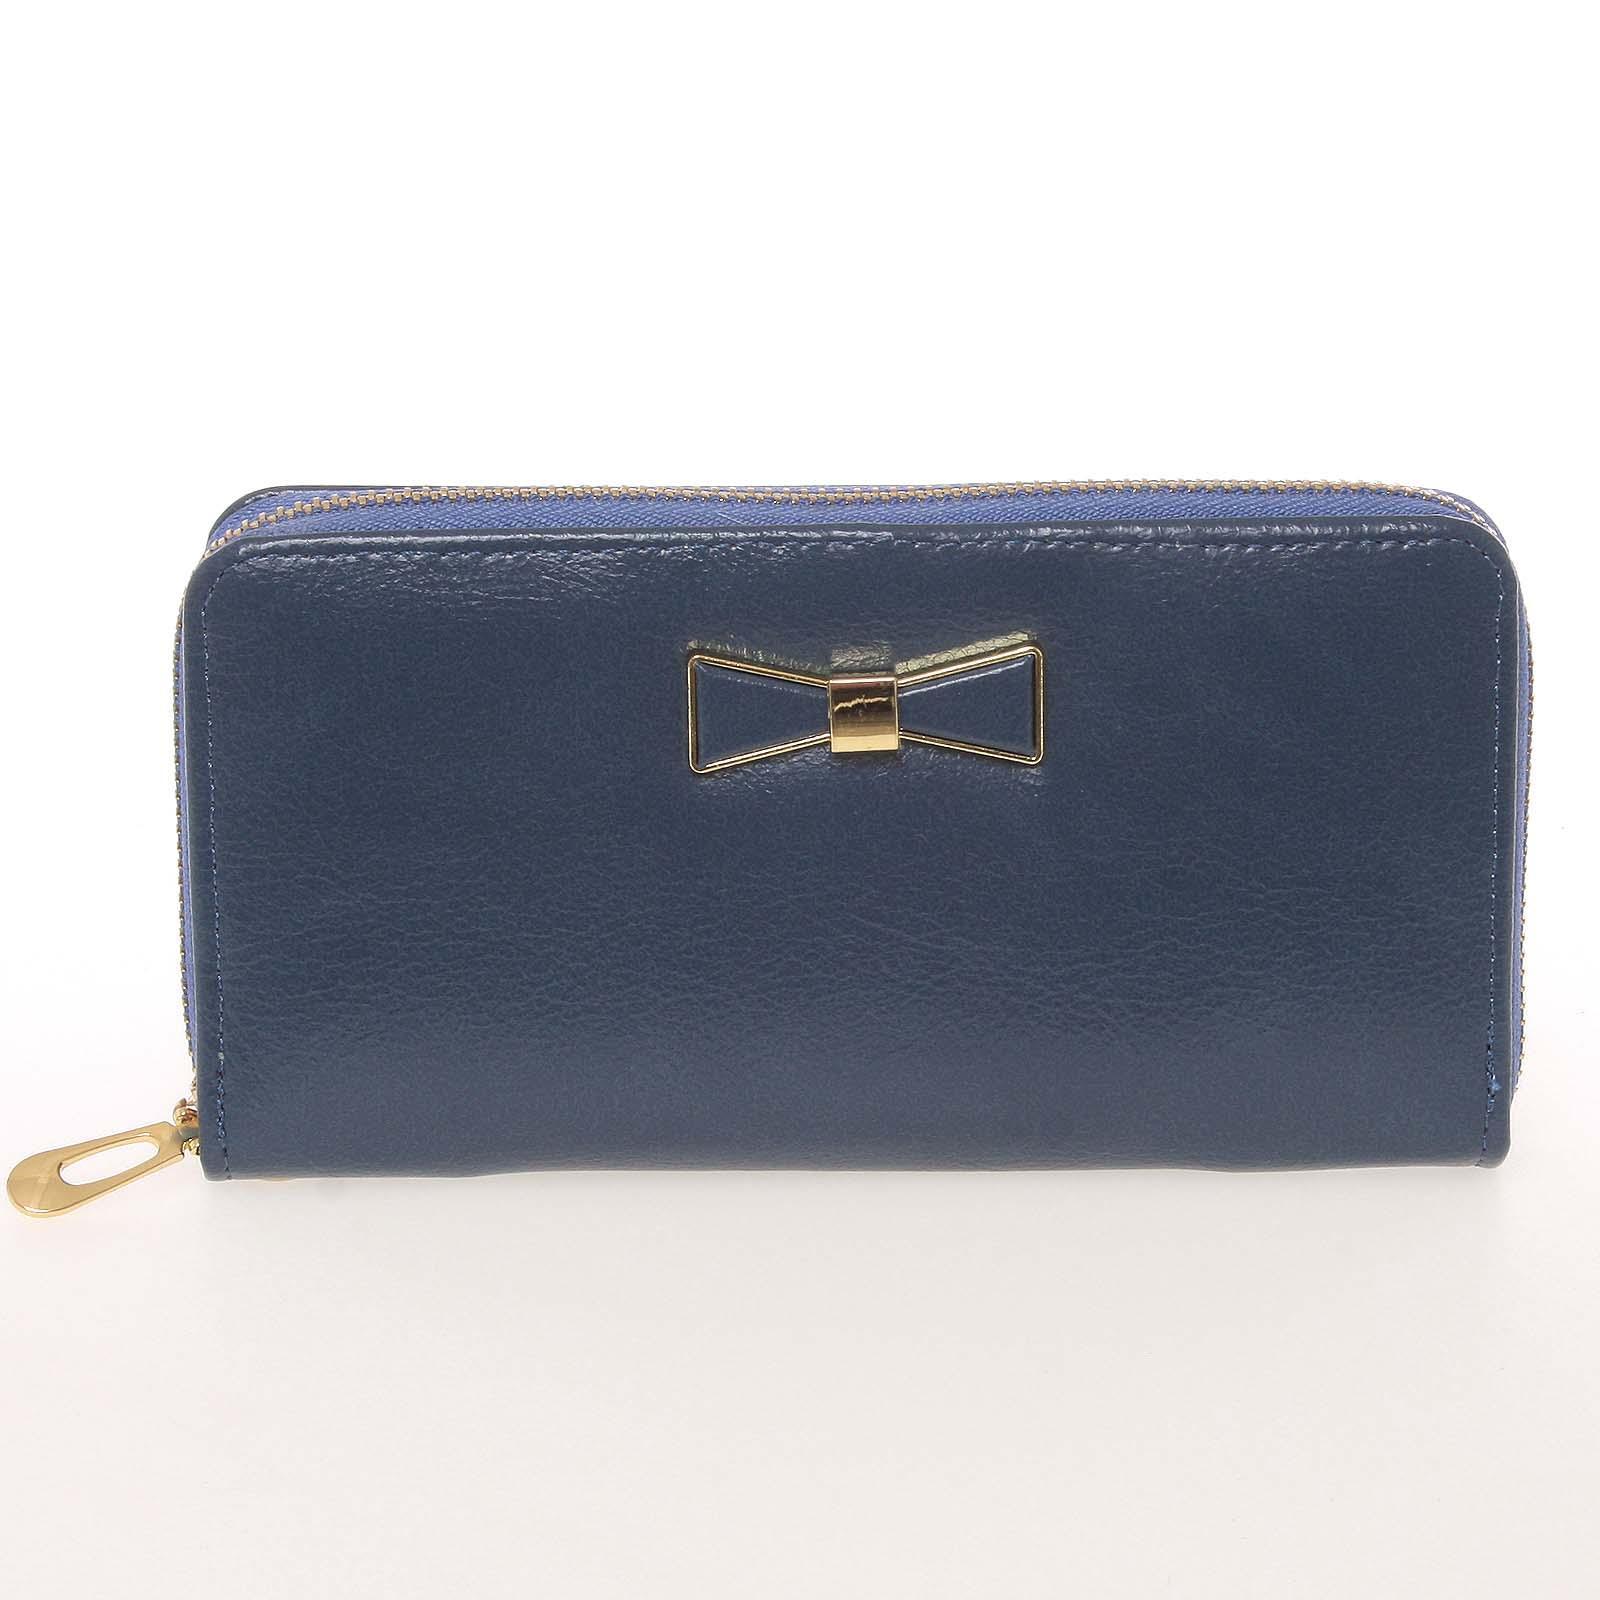 Moderní dámská peněženka s poutkem modrá - Milano Design SF1821